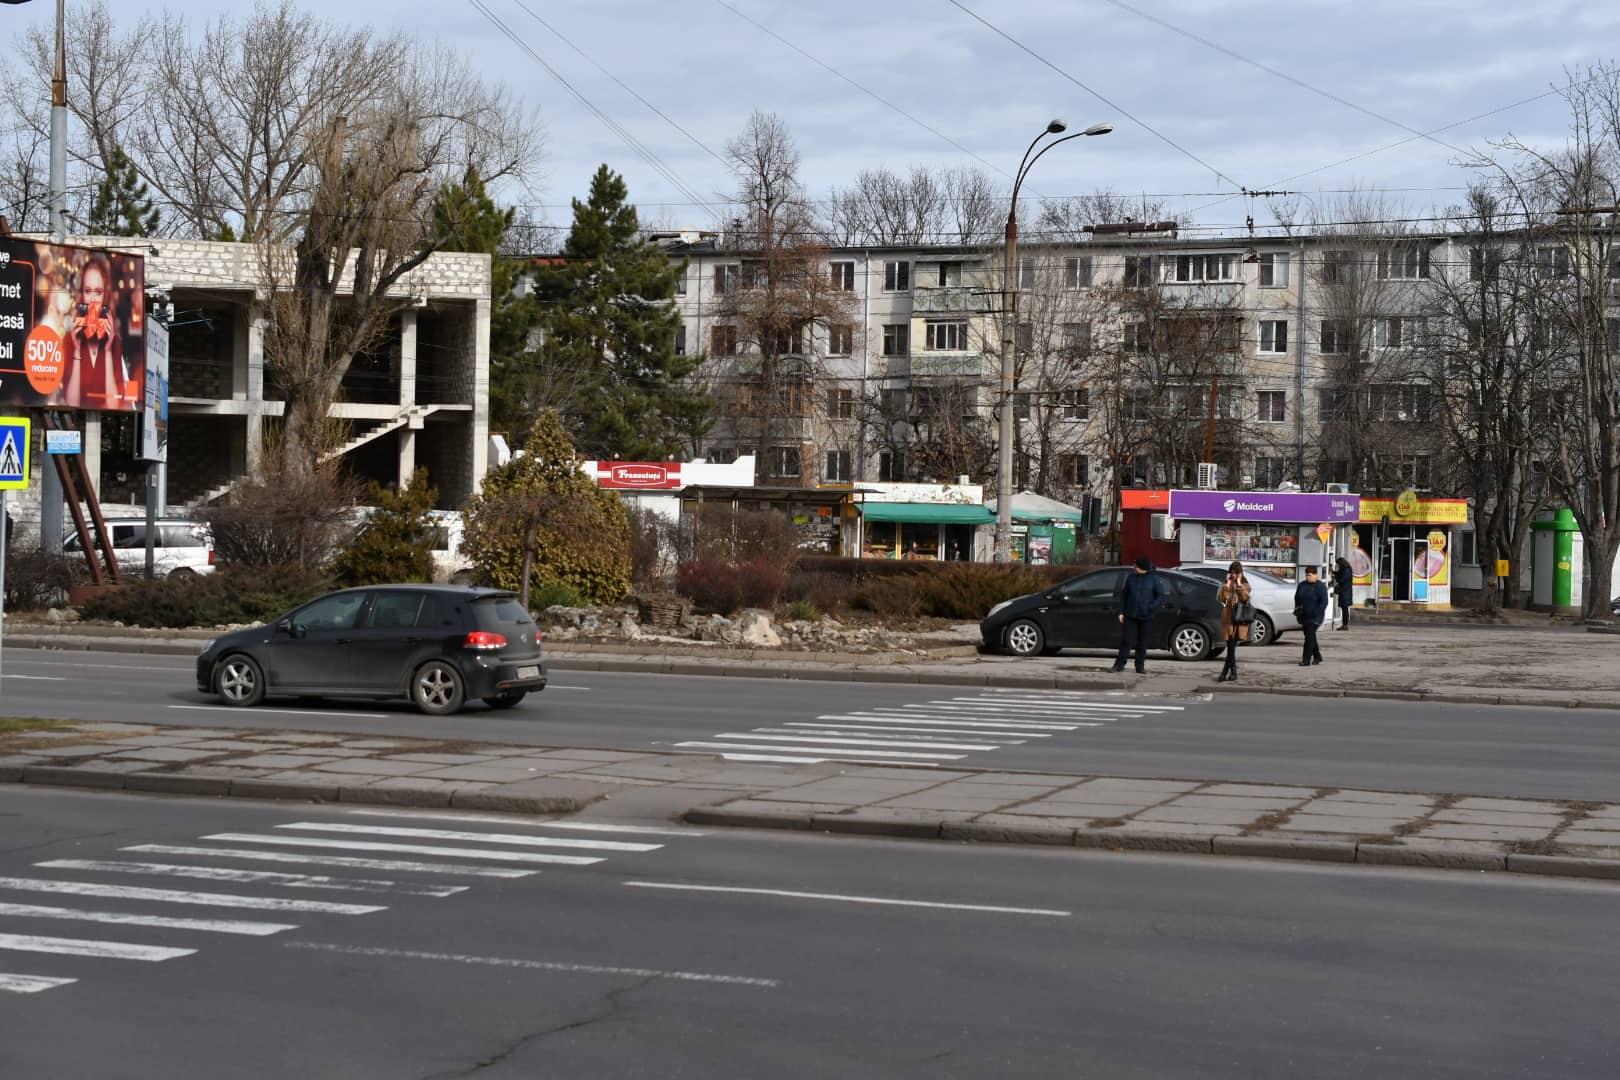 Chișinău buticuri străzi